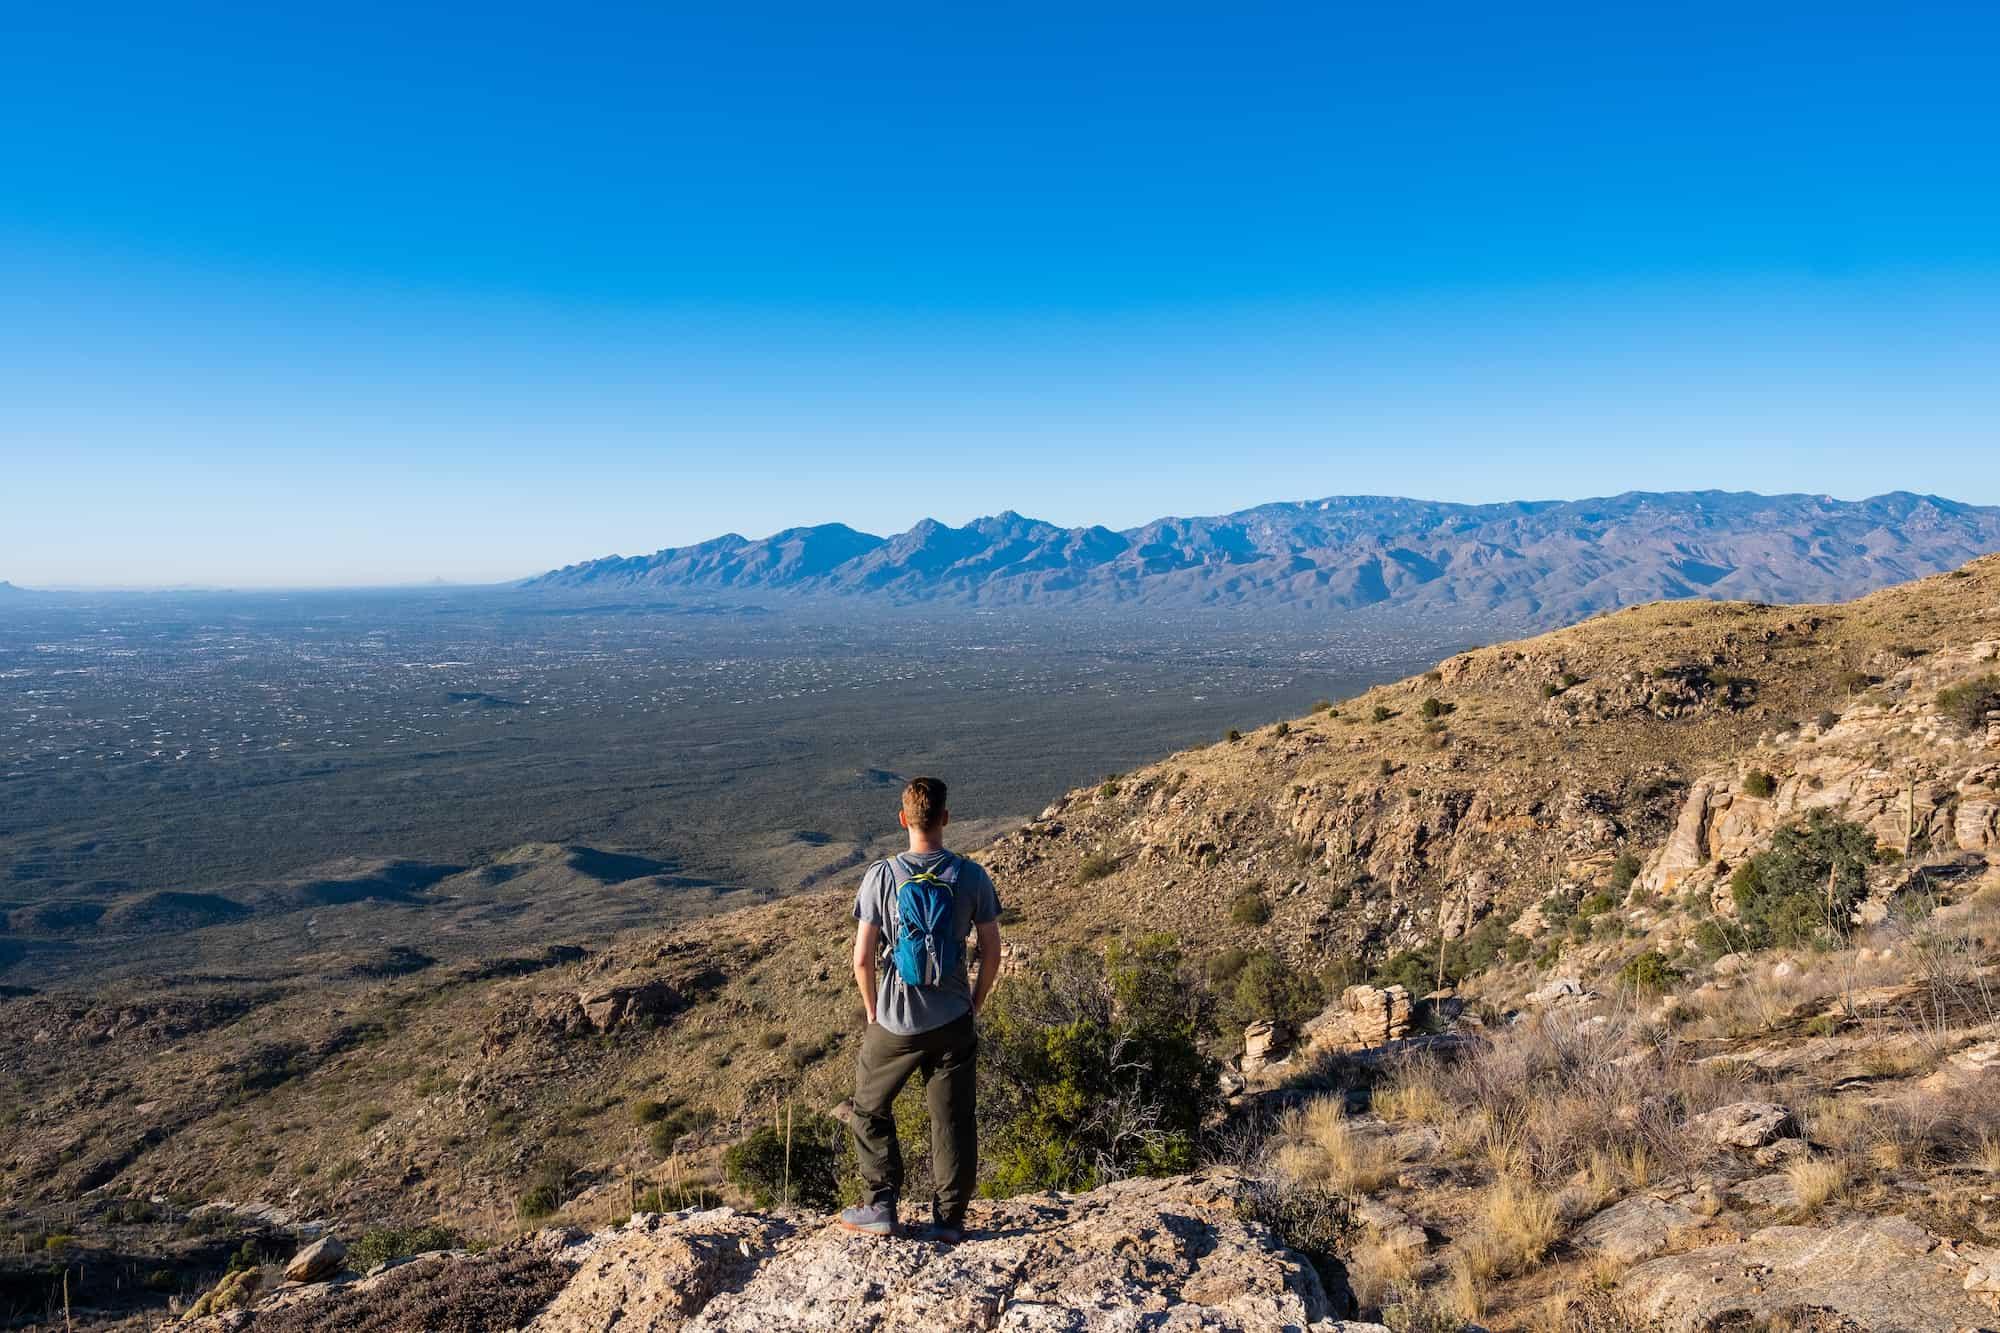 Weekend in Tucson Hike Viewpoint